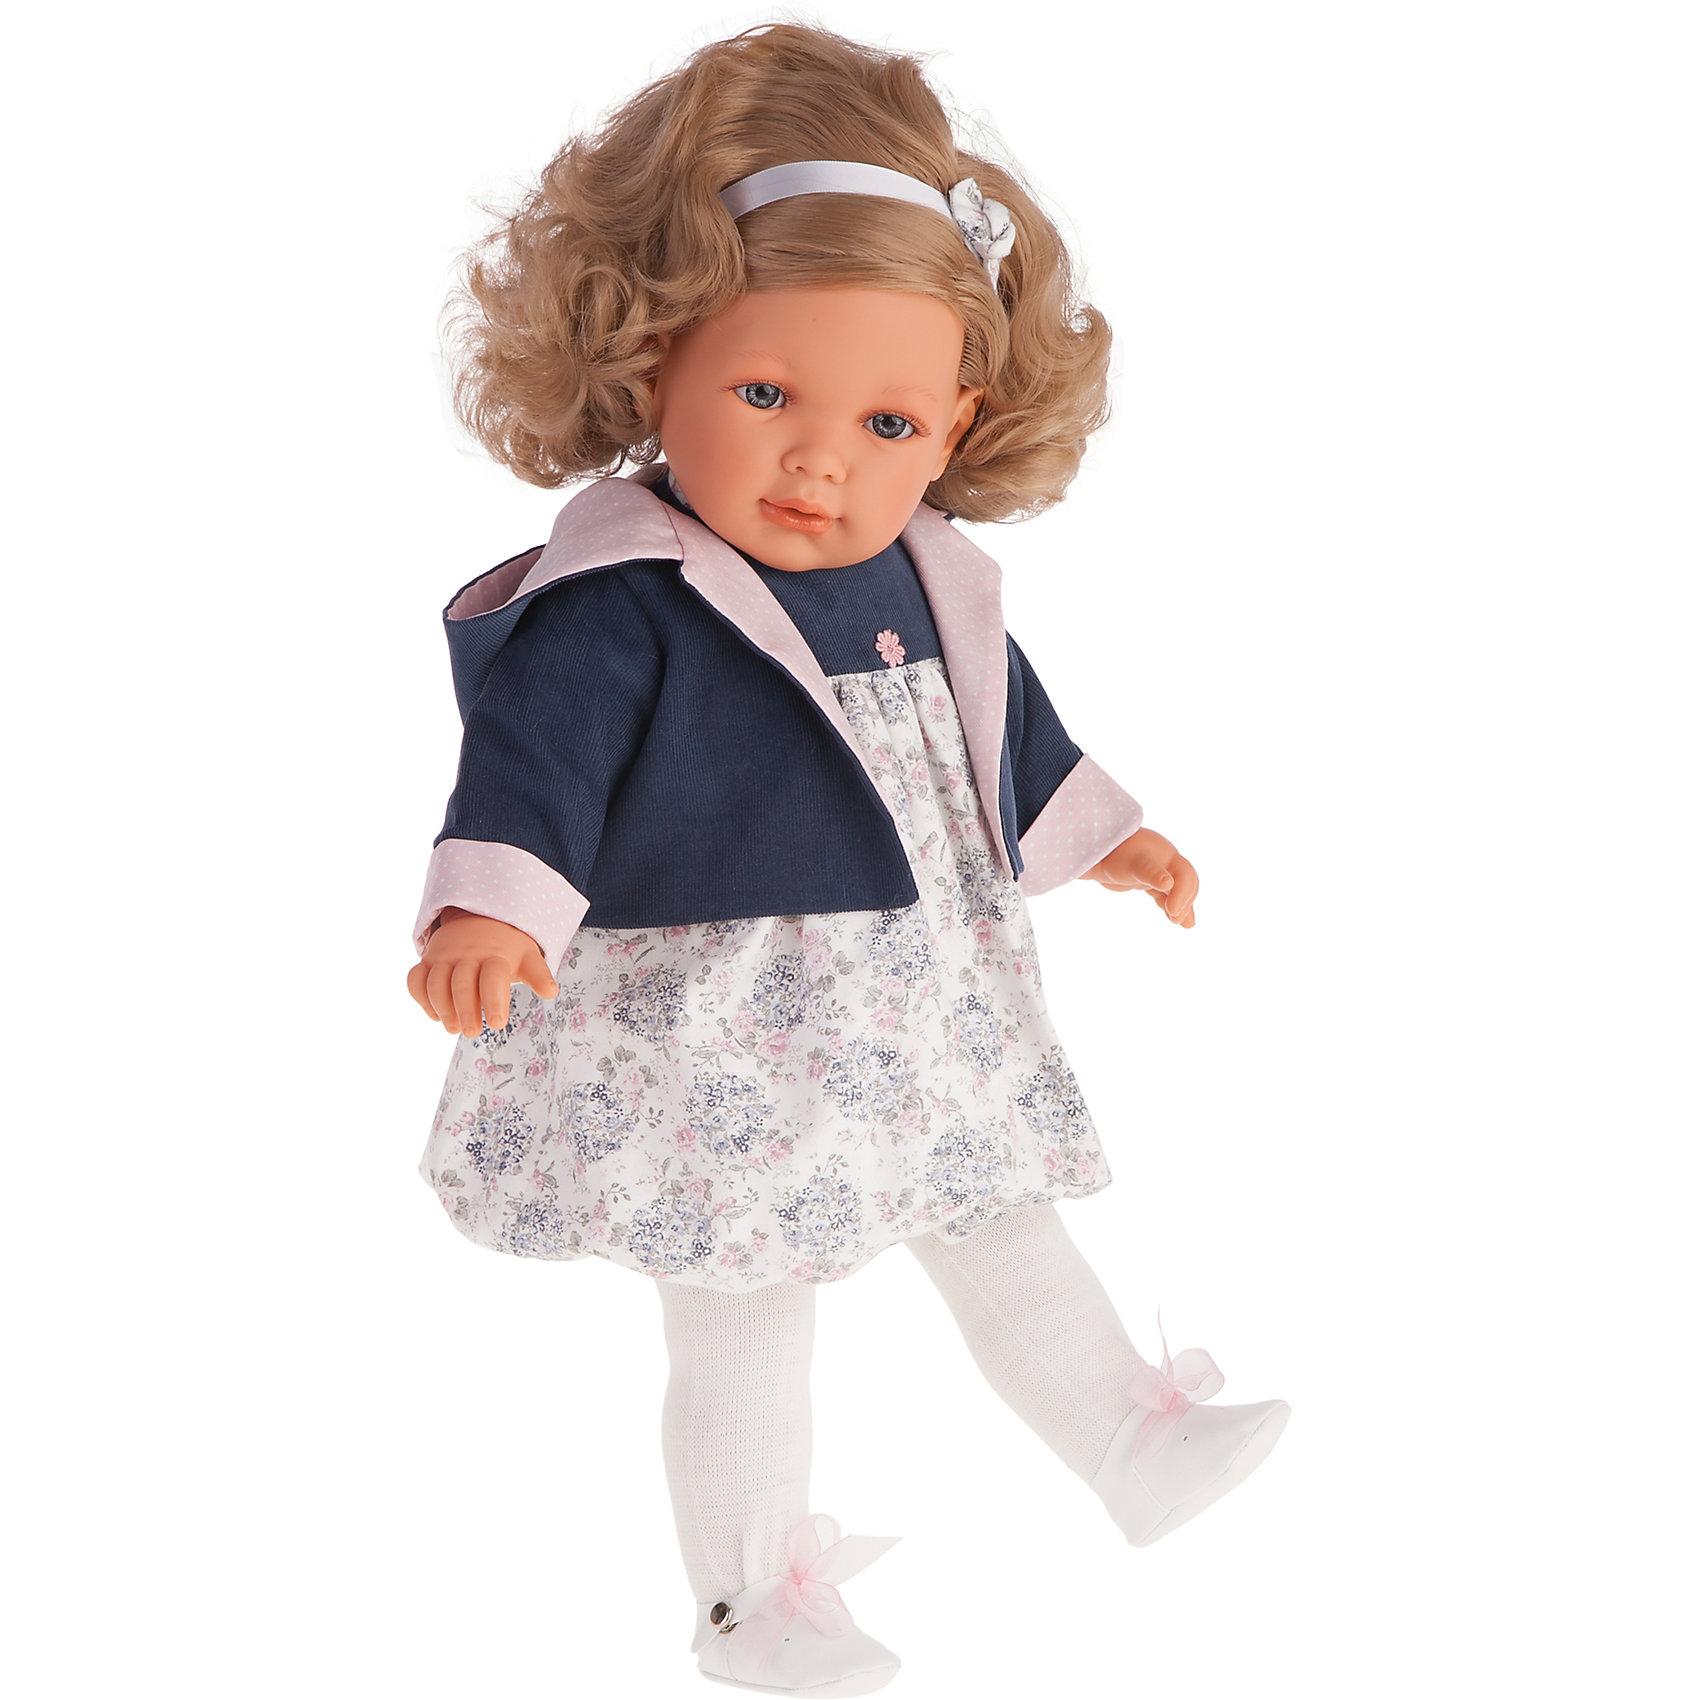 Кукла Аделина в синем, 55 см, Munecas Antonio JuanБренды кукол<br>Кукла Аделина в синем, 55 см, Munecas Antonio Juan (Мунекас от Антонио Хуан) ? это очаровательная малышка от всемирно известного испанского бренда Мунекас от Антонио Хуан, который знаменит своими реалистичными куклами. Кукла изготовлена из винила высшего качества, ее тело ? мягконабивное. Ручки и ножки подвижны, глазки не закрываются. <br>У маленькой девочки Аделины  русые волосы и голубые глаза. Длинные локоны Аделины можно укладывать в разные прически или заплетать косички. Аделина уже большая девочка, она весело смеется, говорит «мама» и «папа». Эта малышка непременно станет лучшей подружкой для вашей дочери.<br>Кукла Аделина в синем, 55 см, Munecas Antonio Juan (Мунекас от Антонио Хуан) разработана с учетом анатомических особенностей и мимики младенцев. Играя с куклой, ваш ребенок реалистично проживает роль «мамы», учится ухаживать за малышом, заботиться о нем.<br>Аделина ? настоящая модница. Ее нежное платьице и синяя курточка разработаны современными европейскими дизайнерами. На малышке надеты белые колготочки и туфельки на завязочках. Весь комплект одежды демонстрирует чувство стиля и вкуса в одежде.<br>Куклы JUAN ANTONIO munecas (Мунекас от Антонио Хуан) ? мечта девочки любого возраста!<br><br>Дополнительная информация:<br><br>- Вид игр: сюжетно-ролевые игры <br>- Дополнительные функции: смеется, говорит «мама» и «папа»<br>- Материал: пластик, винил, текстиль<br>- Высота куклы: 55 см<br>- Вес: 10 кг 500 г<br>- Батарейки: 3 шт. АА<br>- Особенности ухода: одежда ? ручная стирка, саму куклу мыть не рекомендуется <br><br>Подробнее:<br><br>• Для детей в возрасте: от 3 лет и до 6 лет<br>• Страна производитель: Испания<br>• Торговый бренд: JUAN ANTONIO munecas <br><br>Куклу Аделину в синем, 55 см, Munecas Antonio Juan (Мунекас от Антонио Хуан) можно купить в нашем интернет-магазине.<br><br>Ширина мм: 590<br>Глубина мм: 290<br>Высота мм: 145<br>Вес г: 1050<br>Возраст от месяцев: 36<br>Возраст до месяц